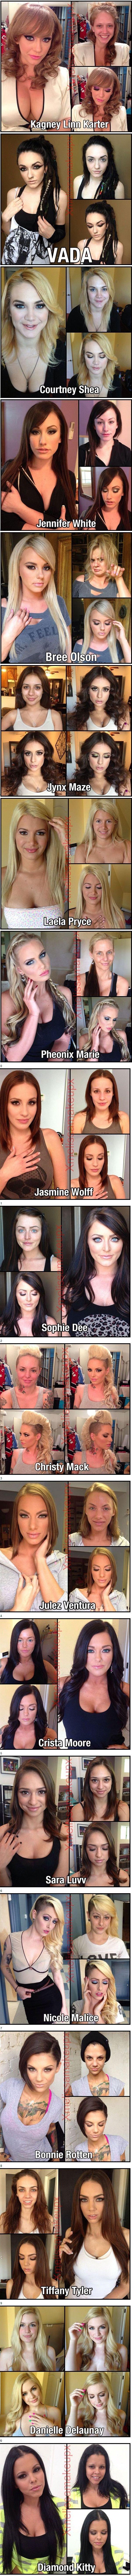 Fap folder without makeup. .. pornstars have faces??